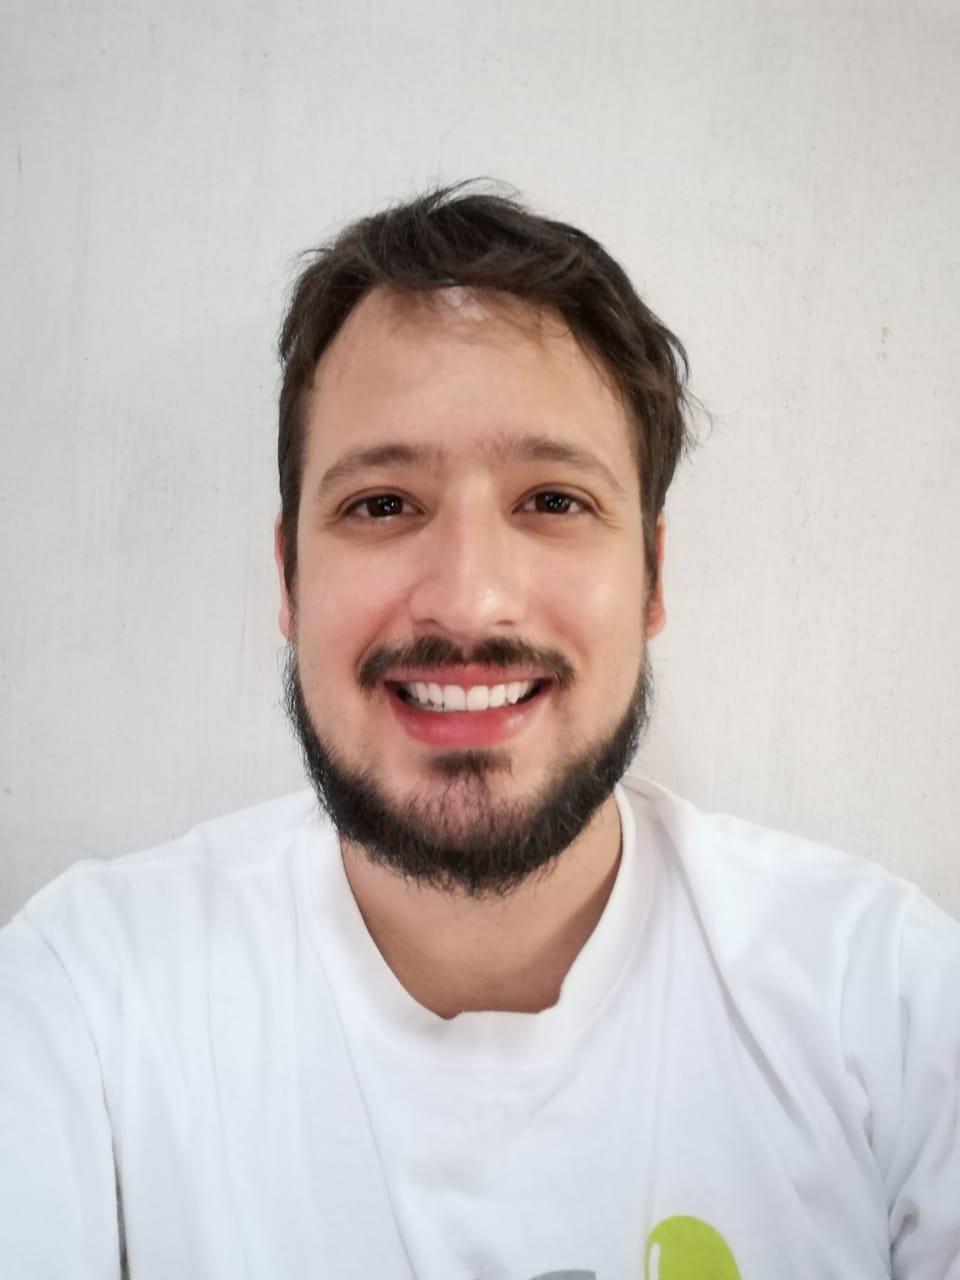 Bruno Raúl Vargas García